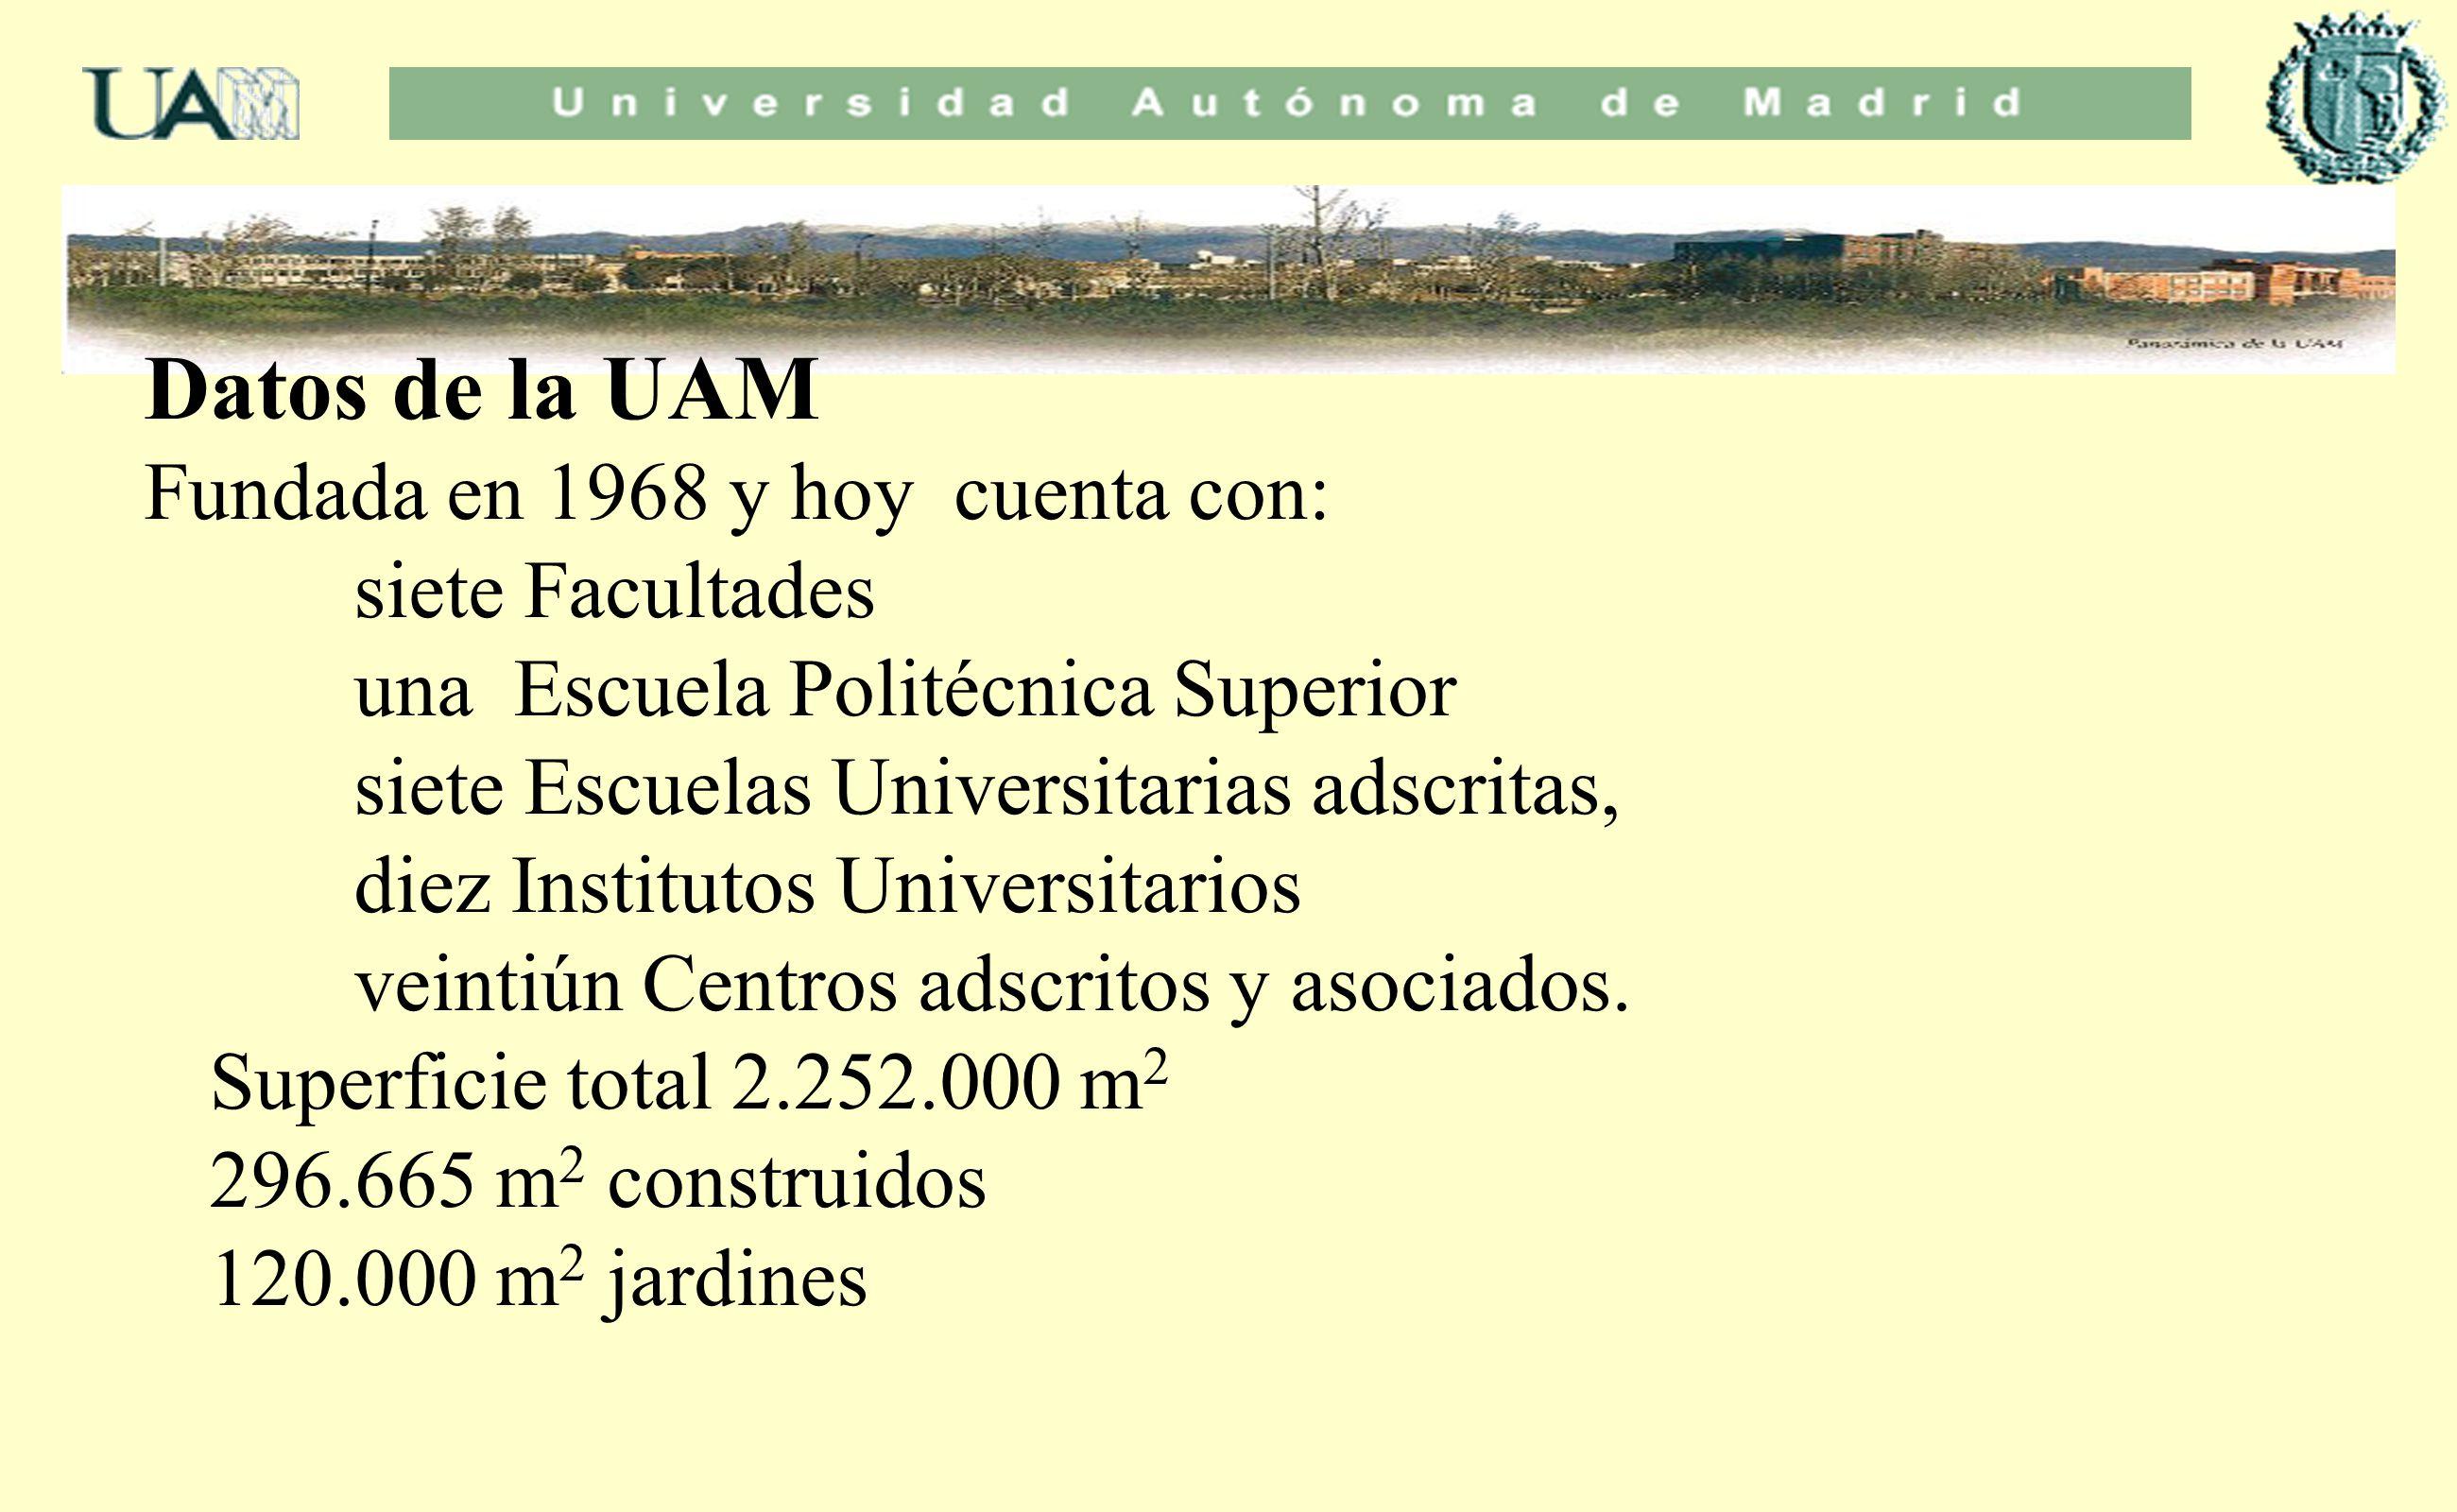 Datos de la UAM Fundada en 1968 y hoy cuenta con: siete Facultades una Escuela Politécnica Superior siete Escuelas Universitarias adscritas, diez Inst